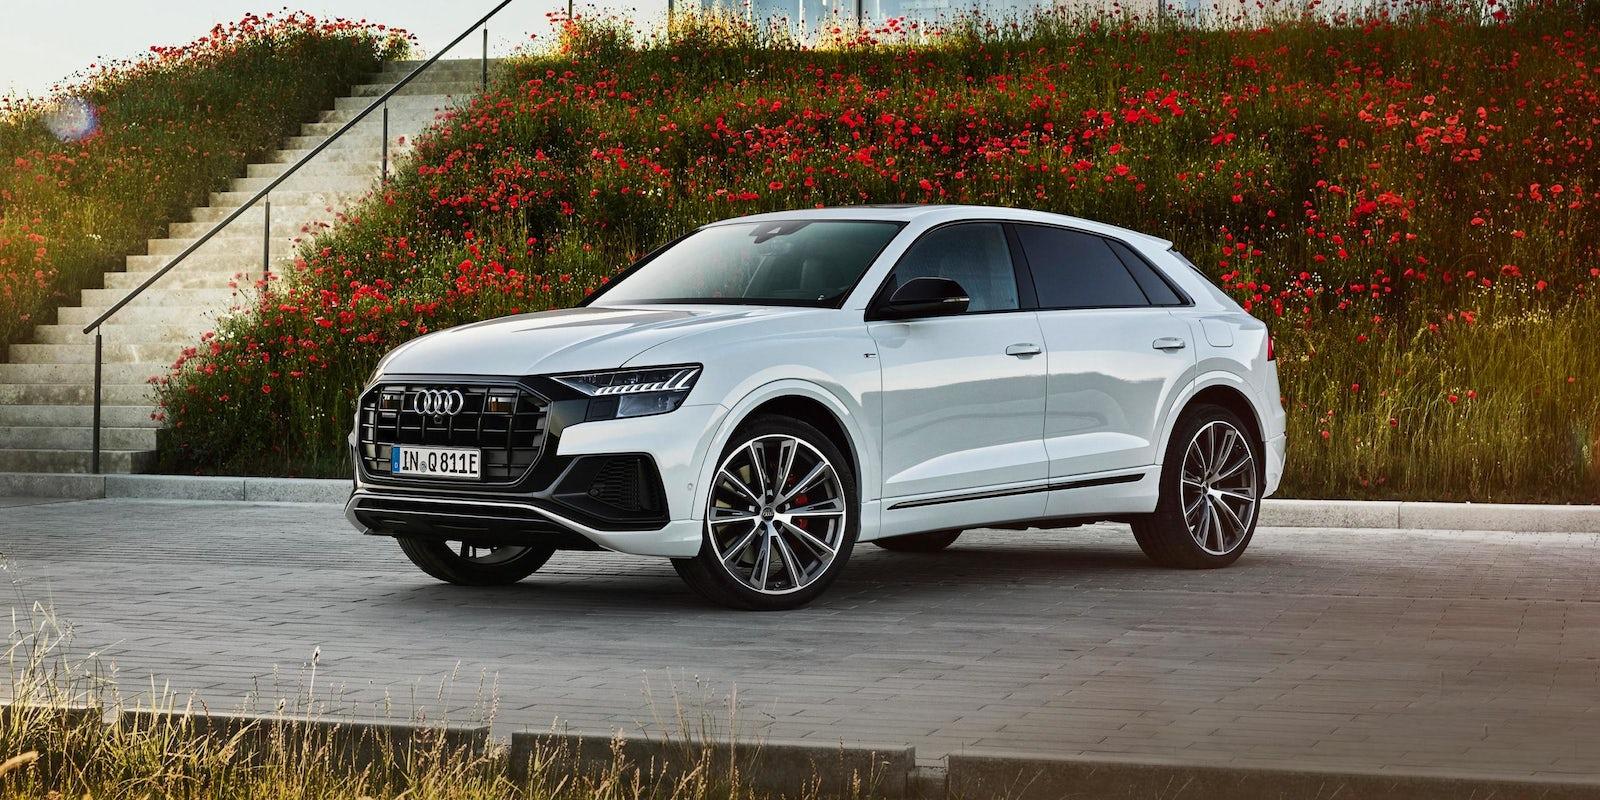 Kekurangan Audi Q8 Murah Berkualitas